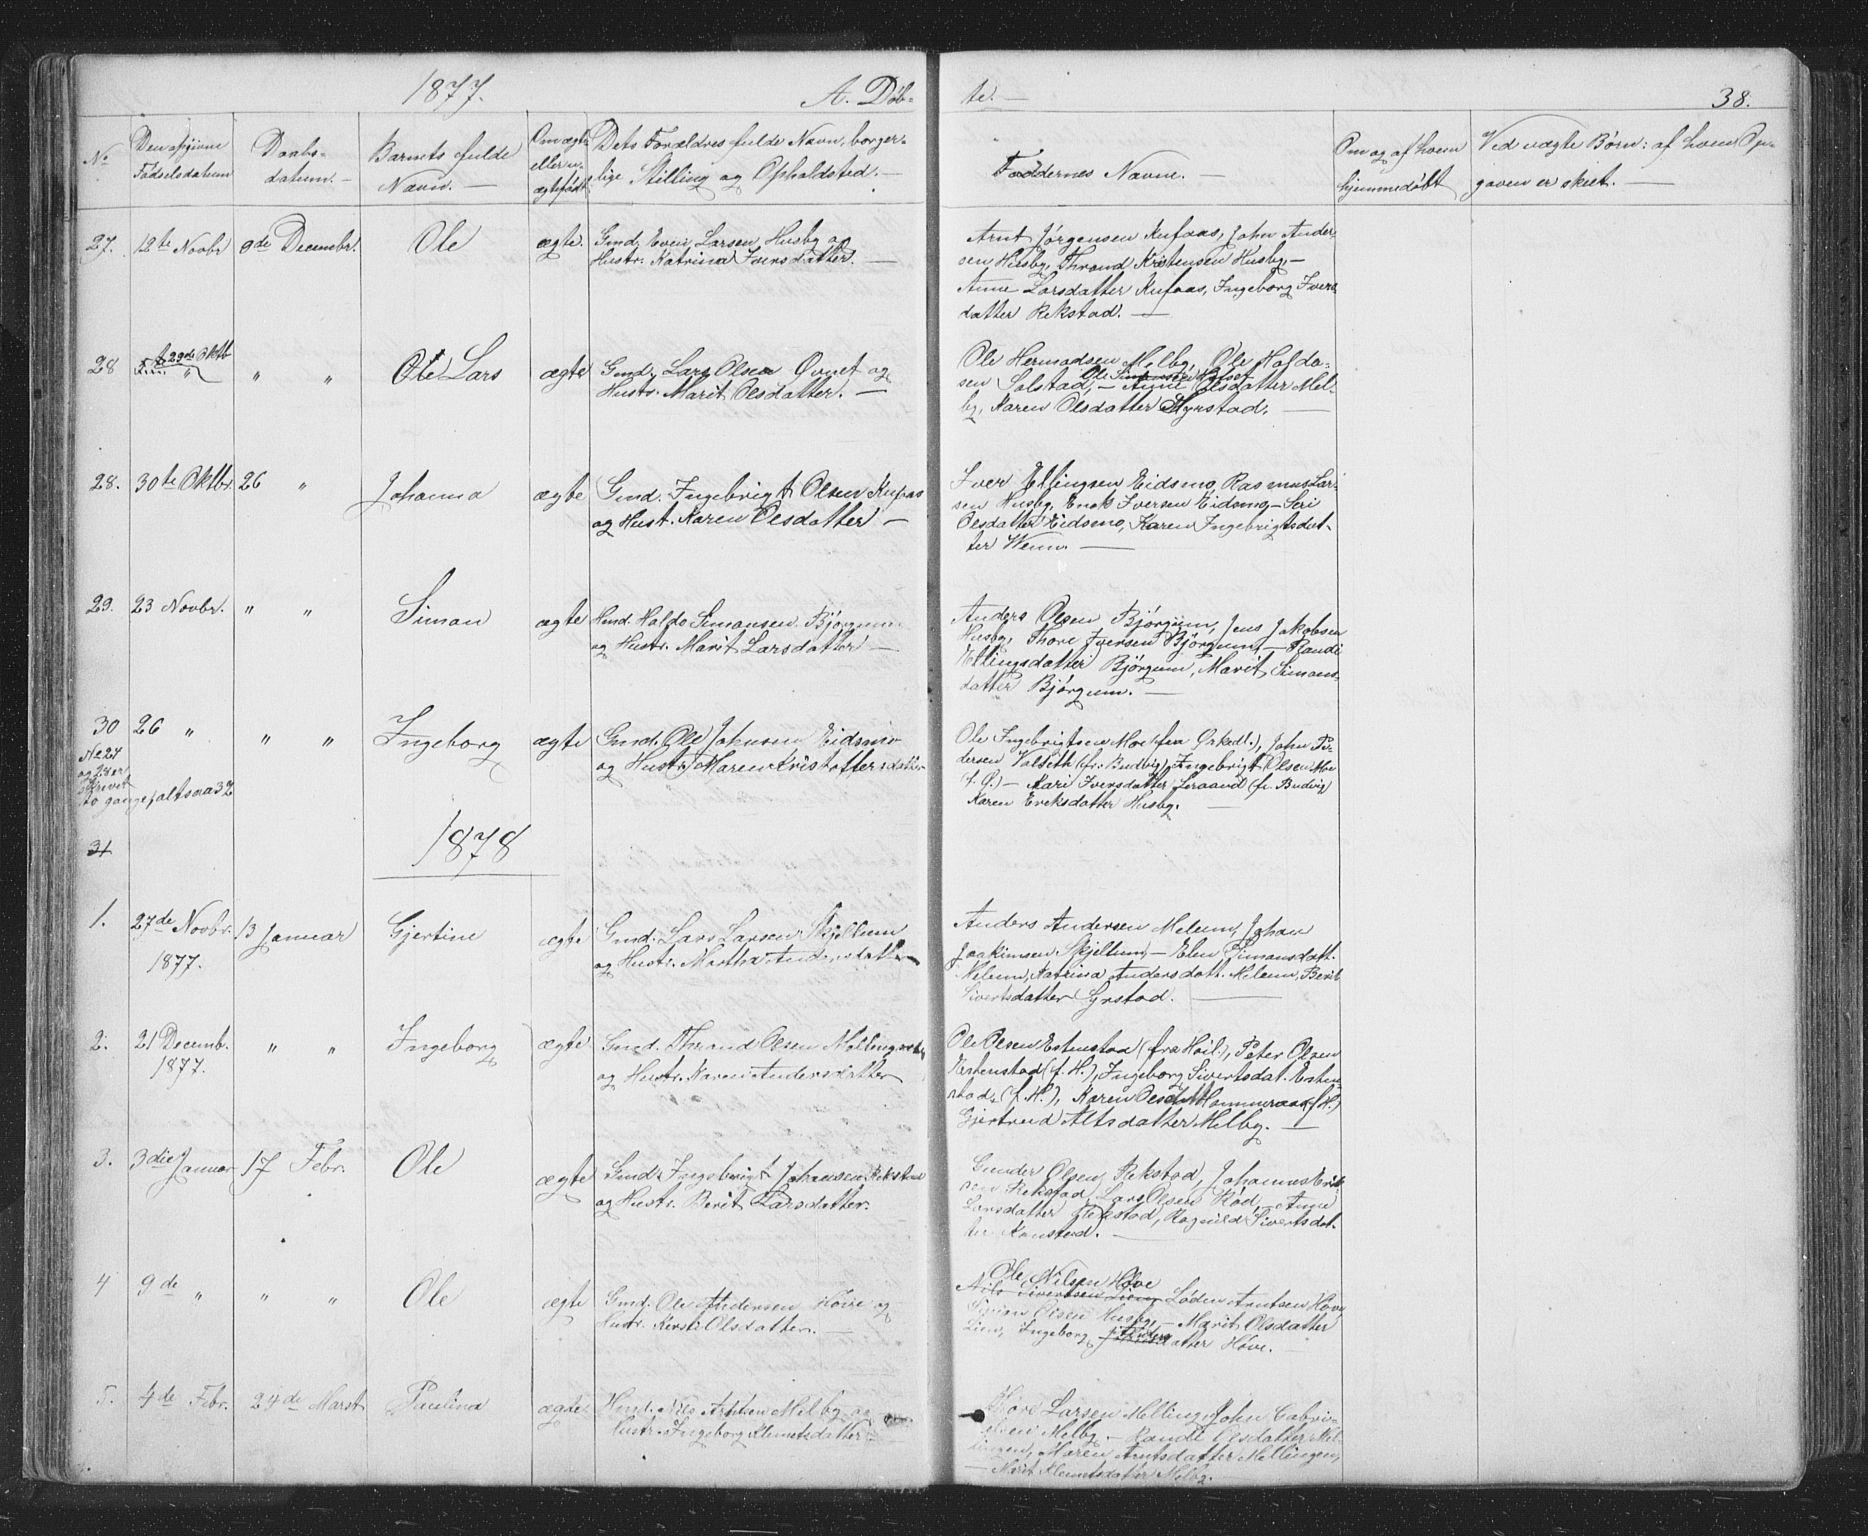 SAT, Ministerialprotokoller, klokkerbøker og fødselsregistre - Sør-Trøndelag, 667/L0798: Klokkerbok nr. 667C03, 1867-1929, s. 38